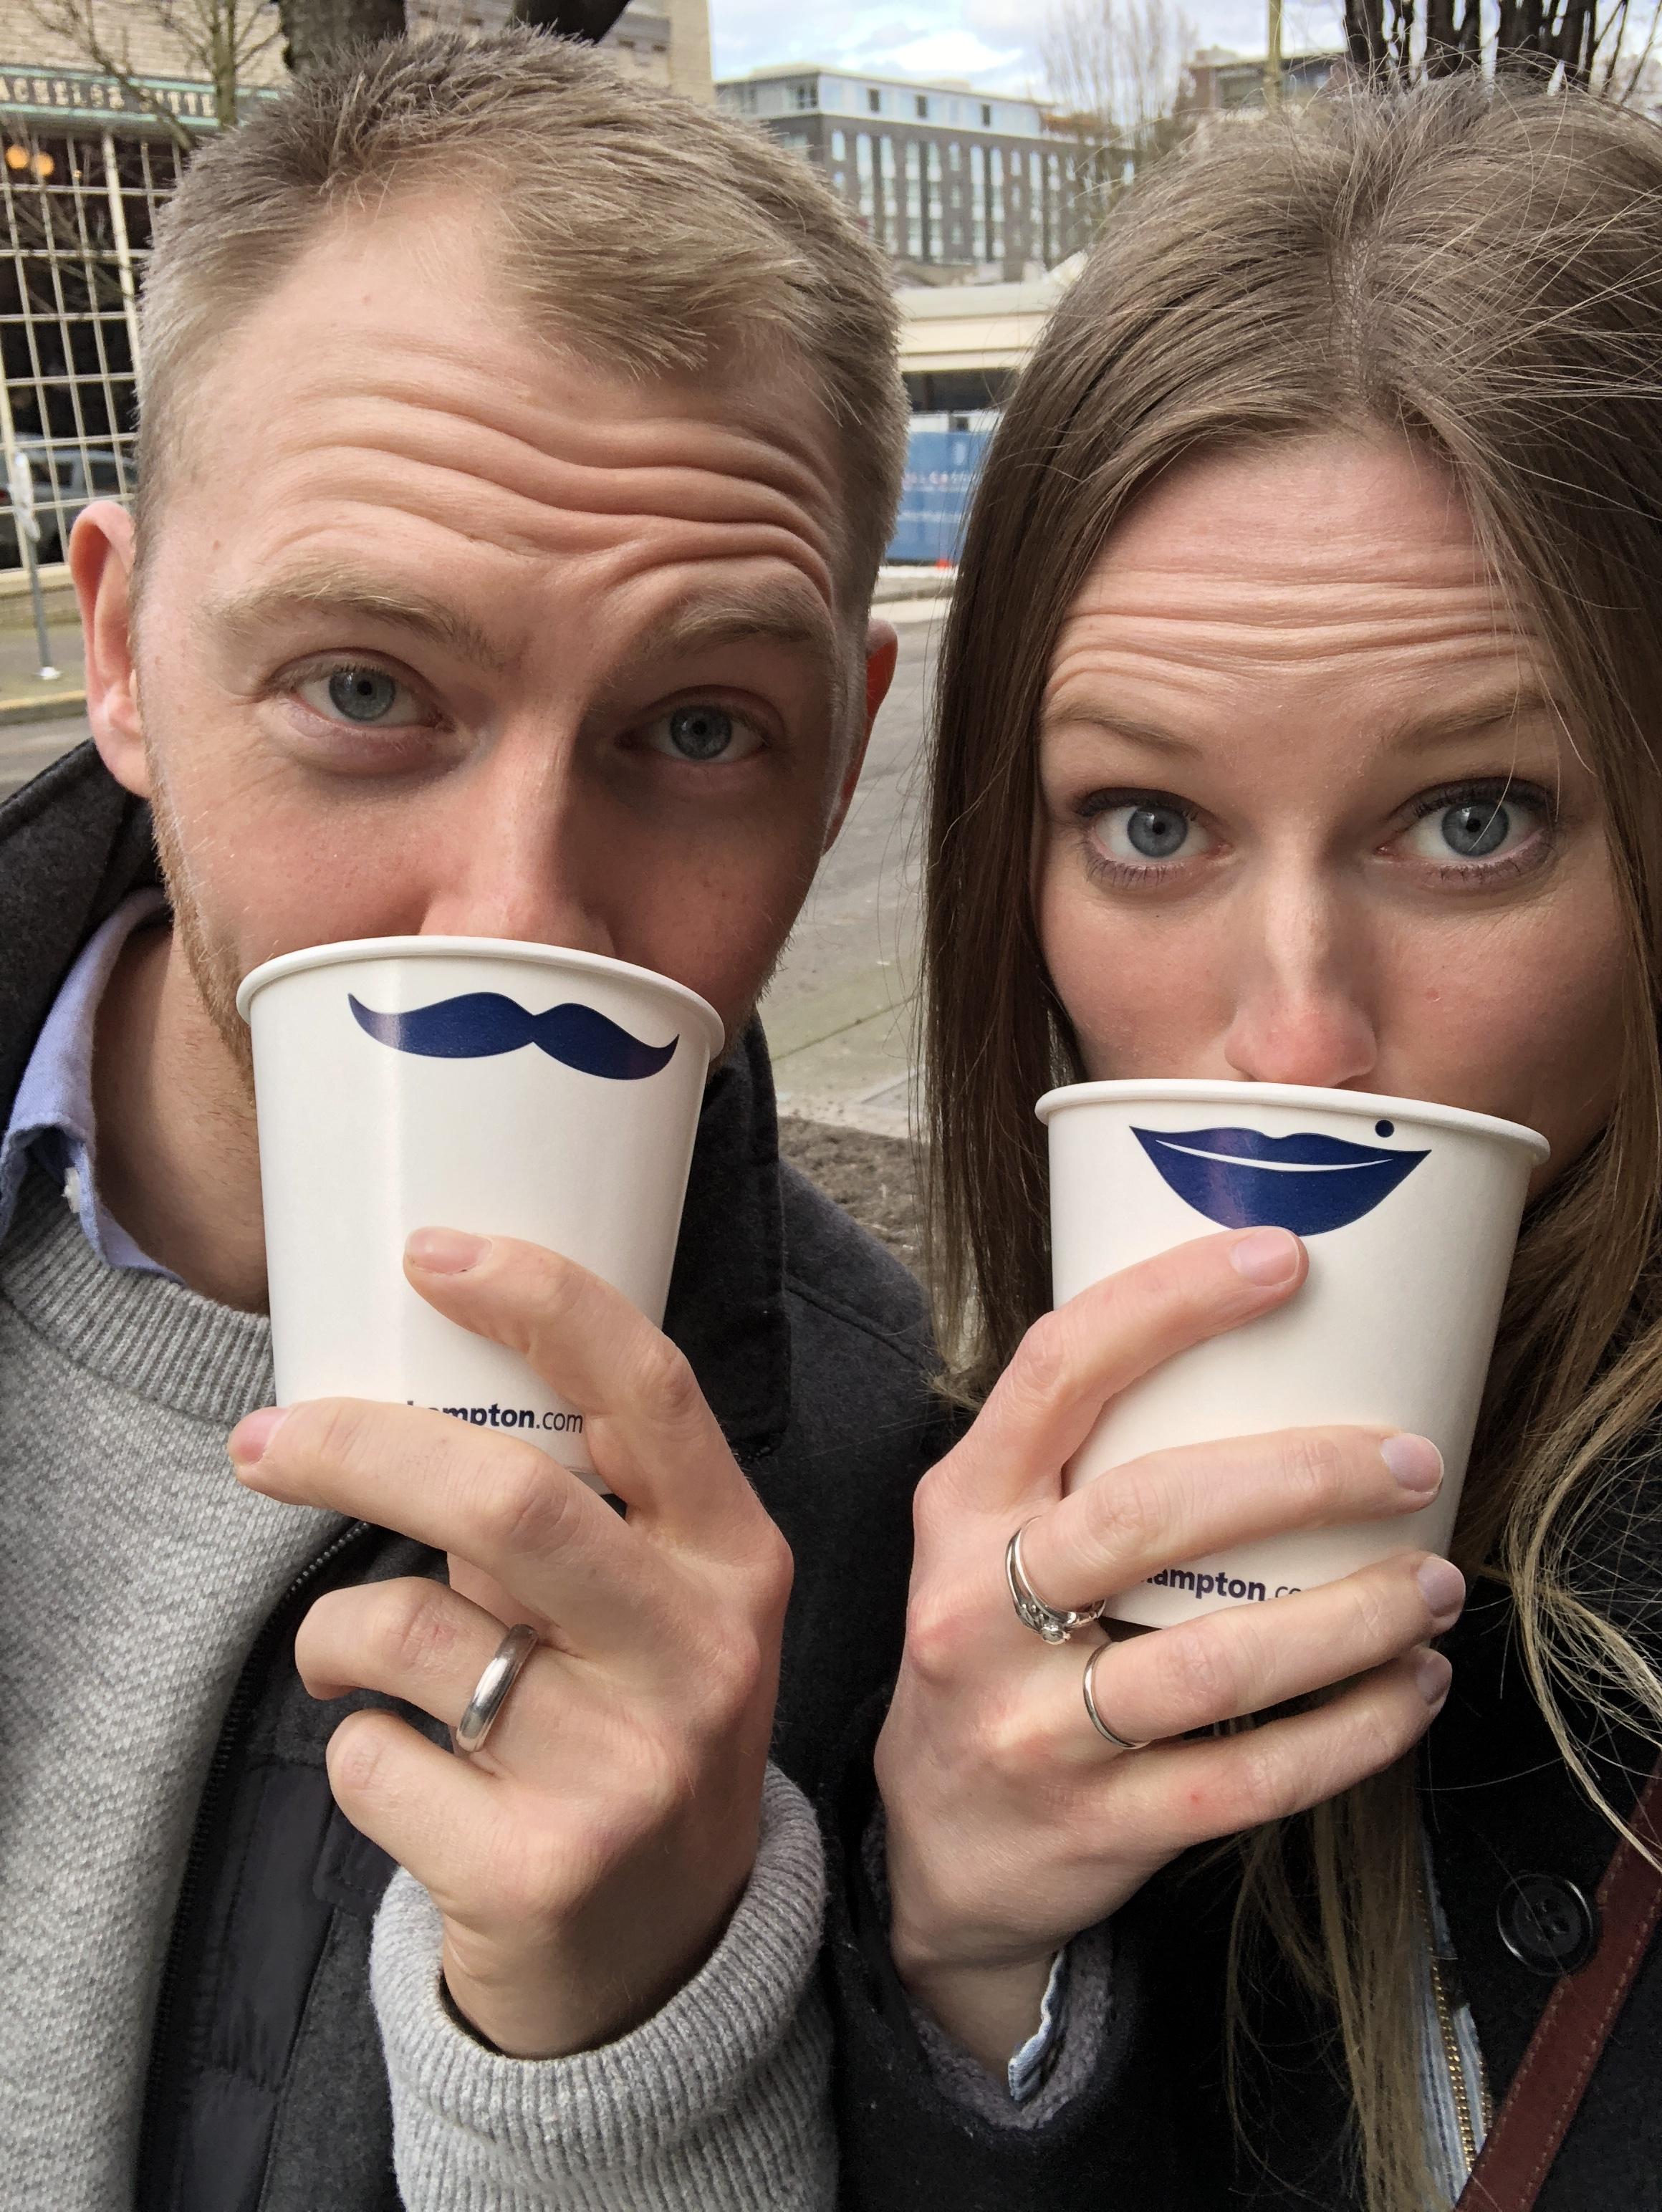 free coffee? we'll take it :)